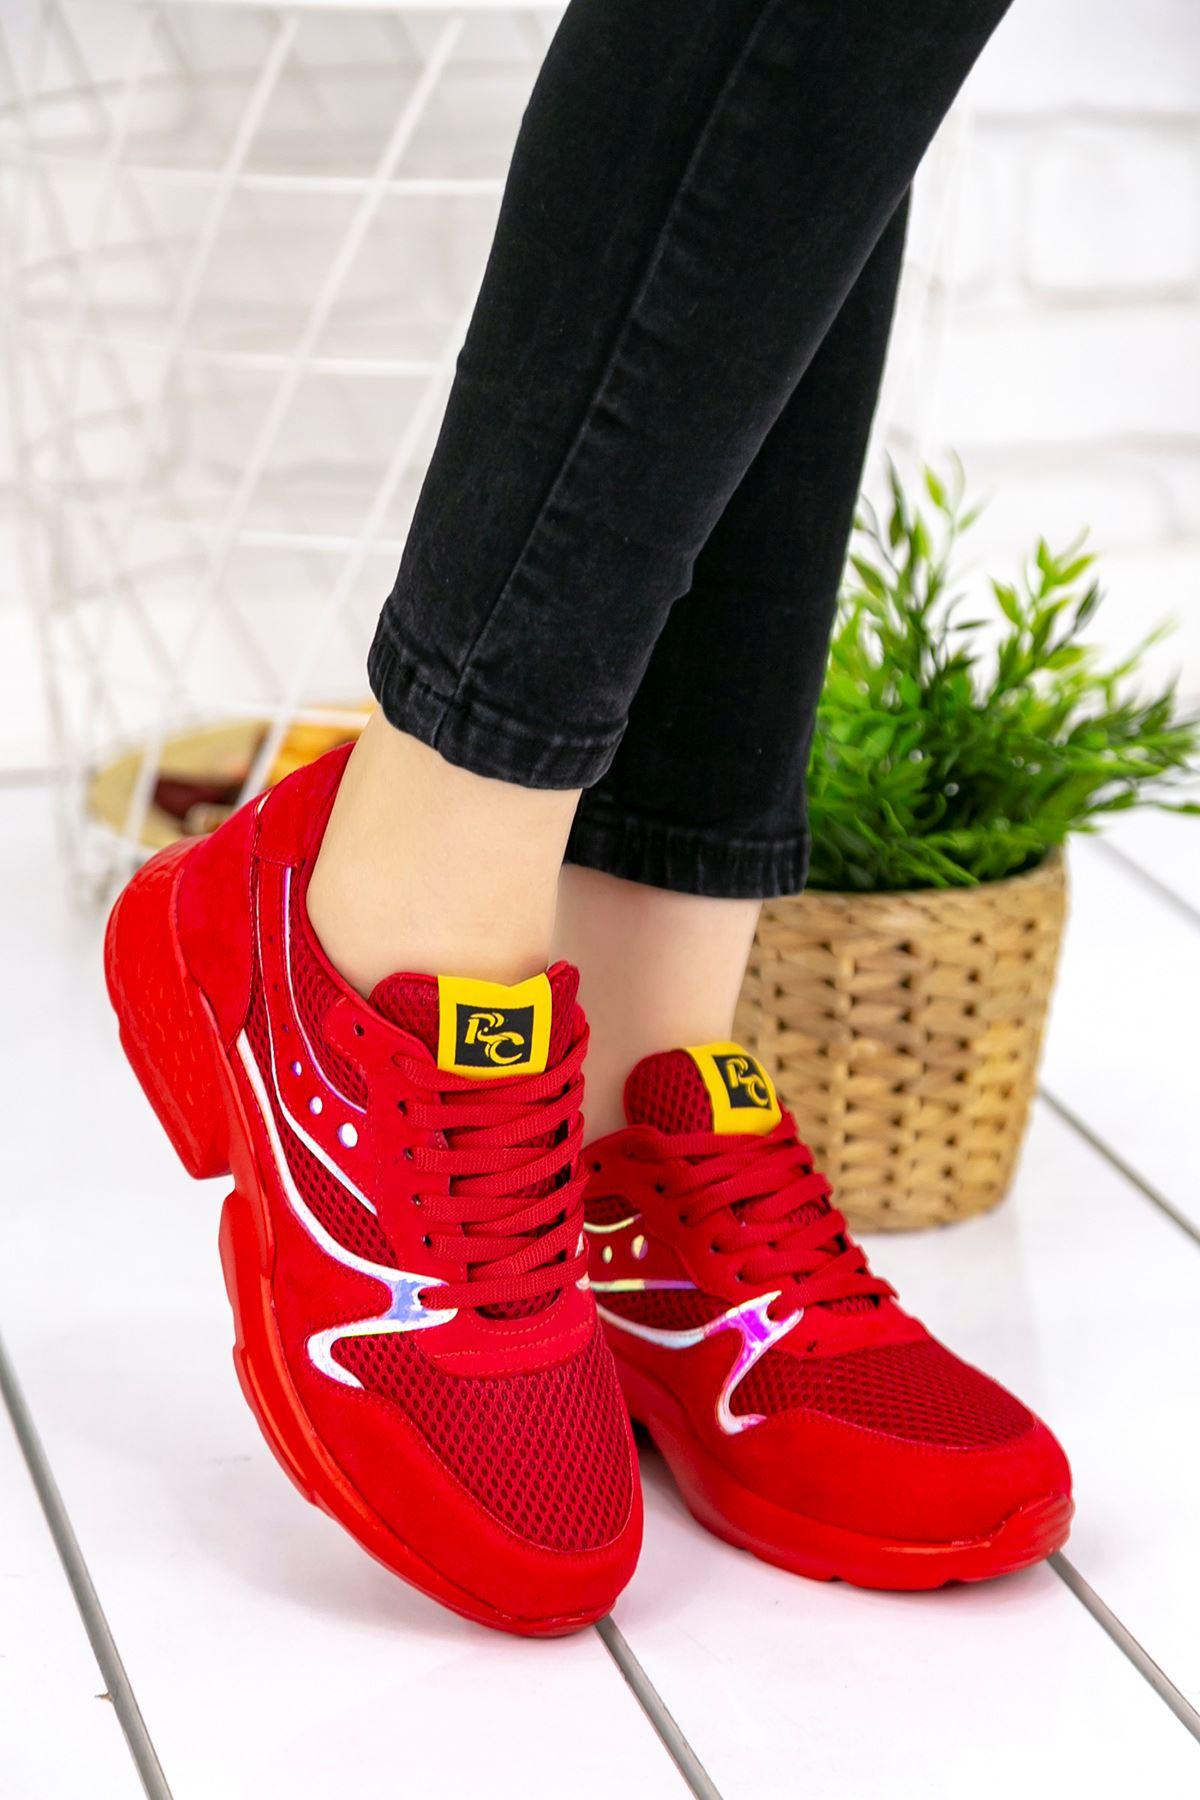 Marzo Kırmızı Lame İthal Süet Bayan Spor Ayakkabı